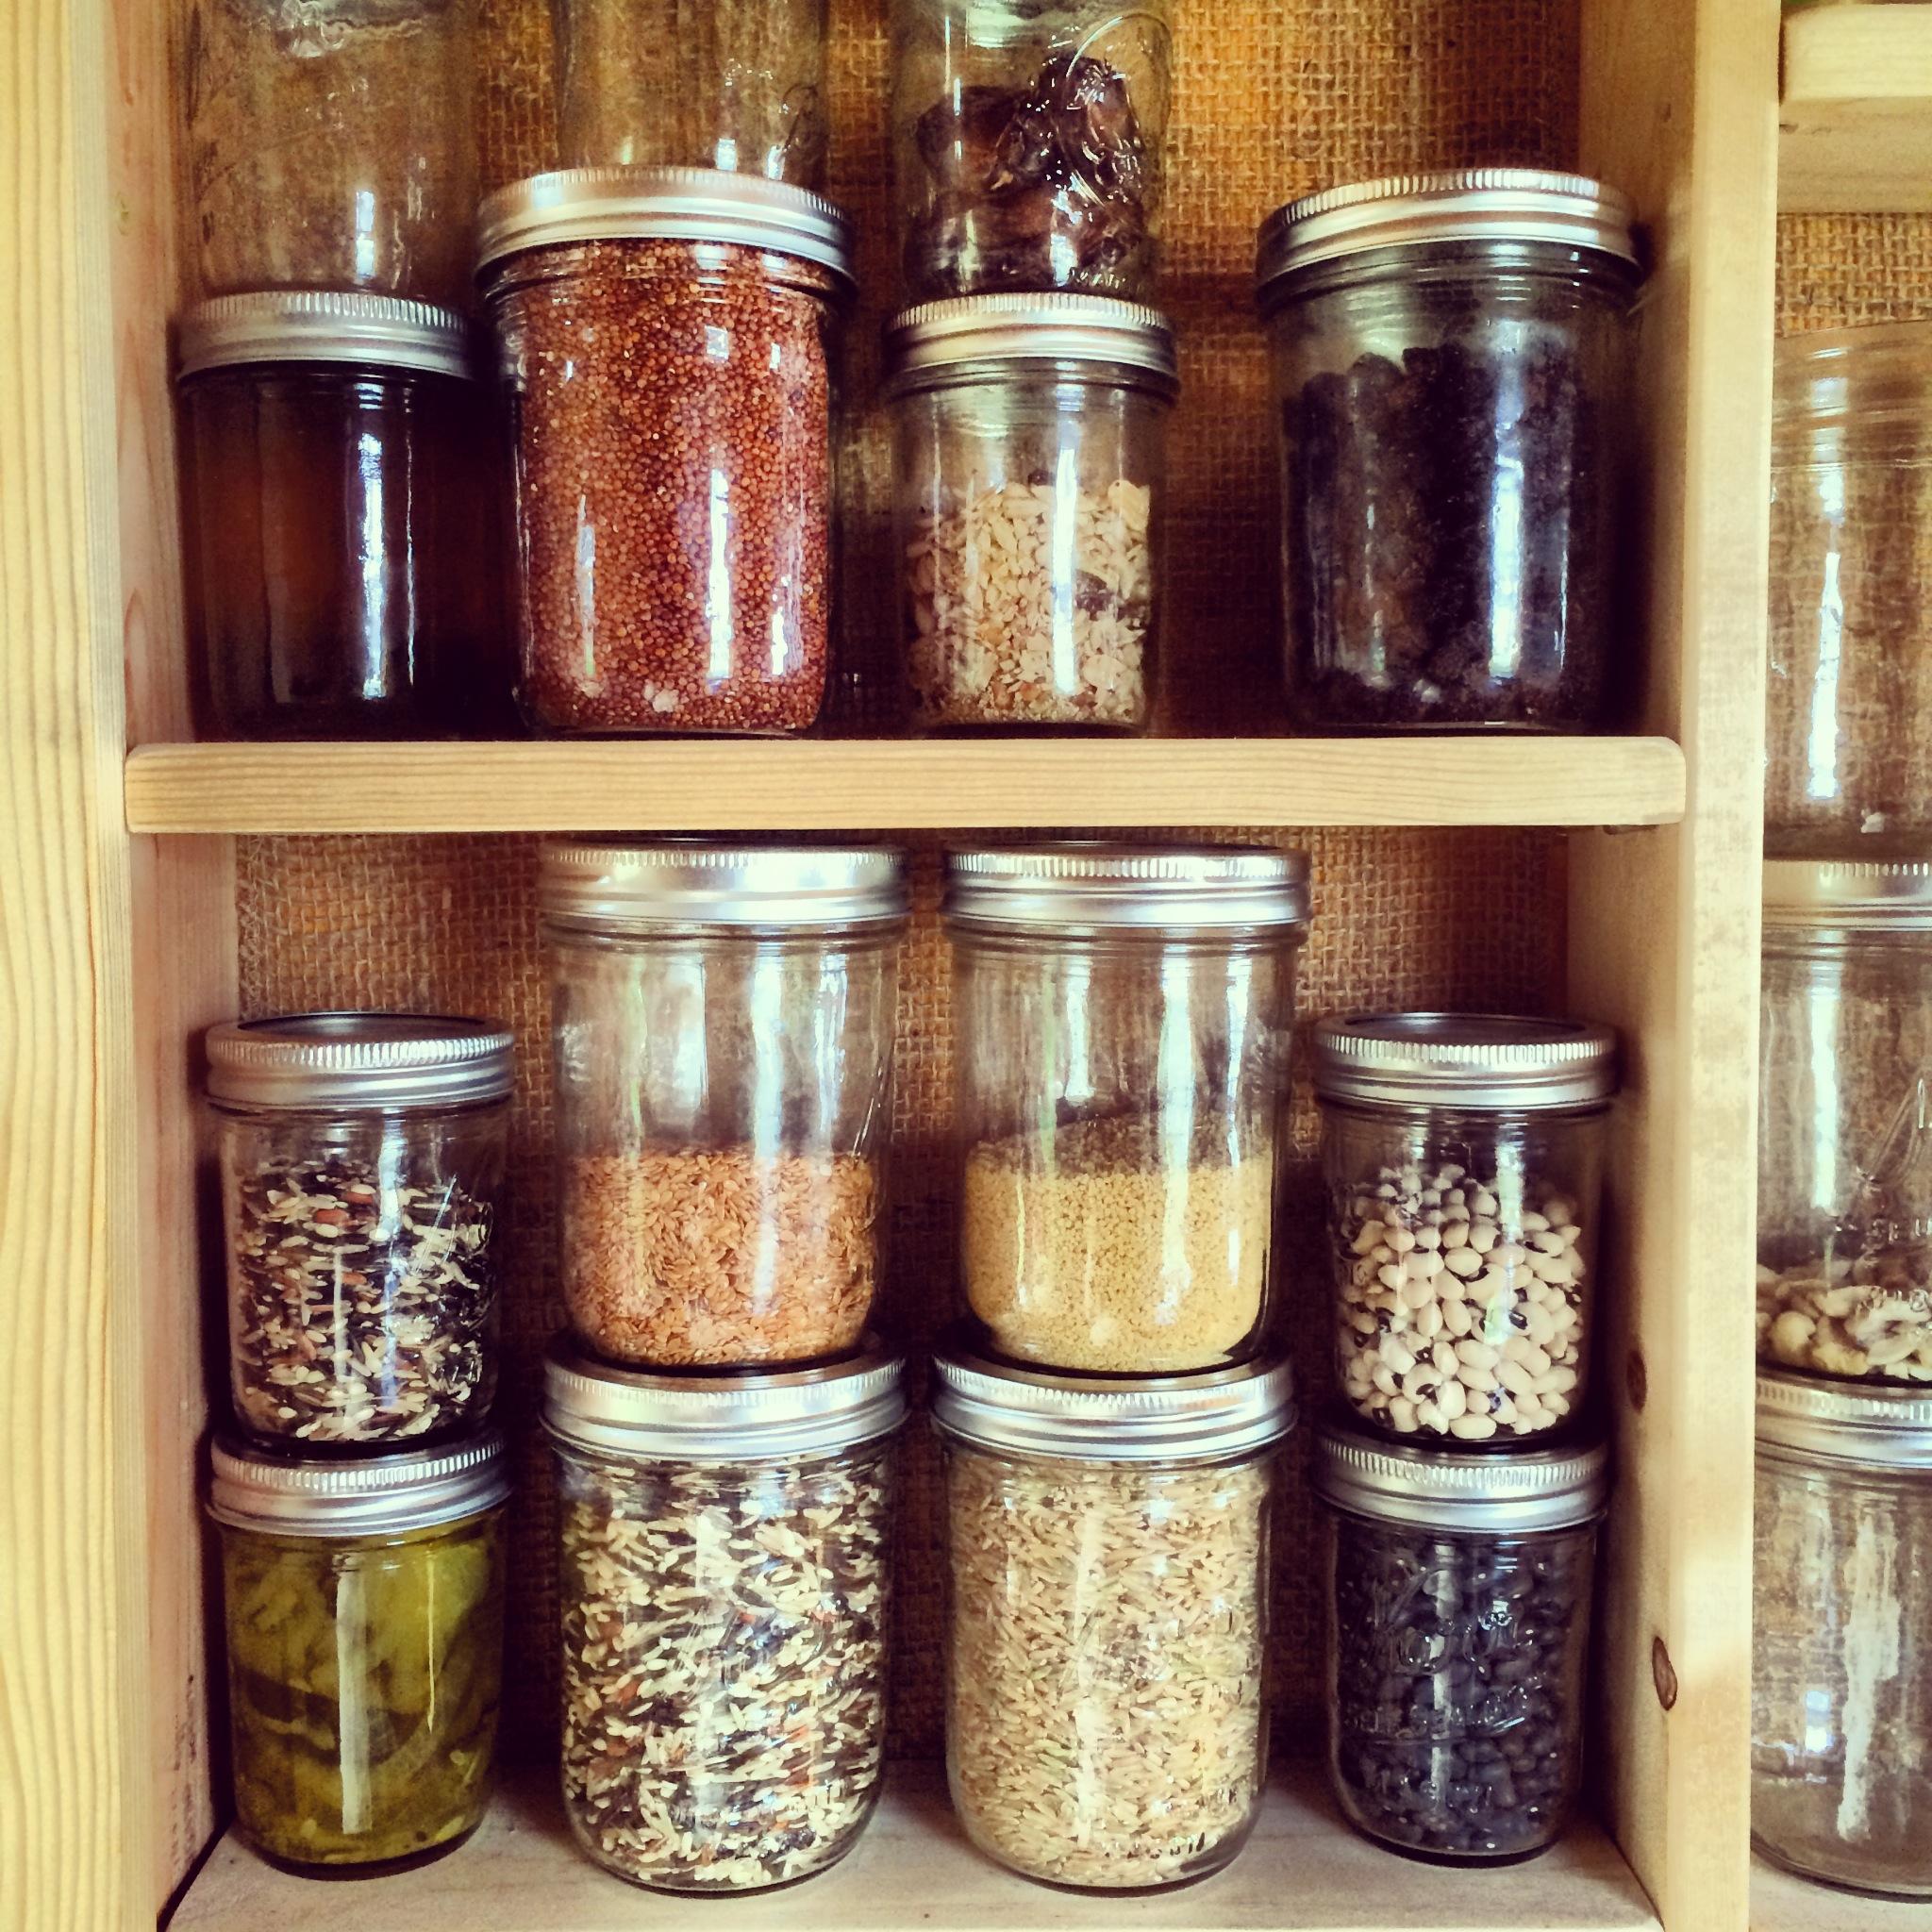 Food jars!